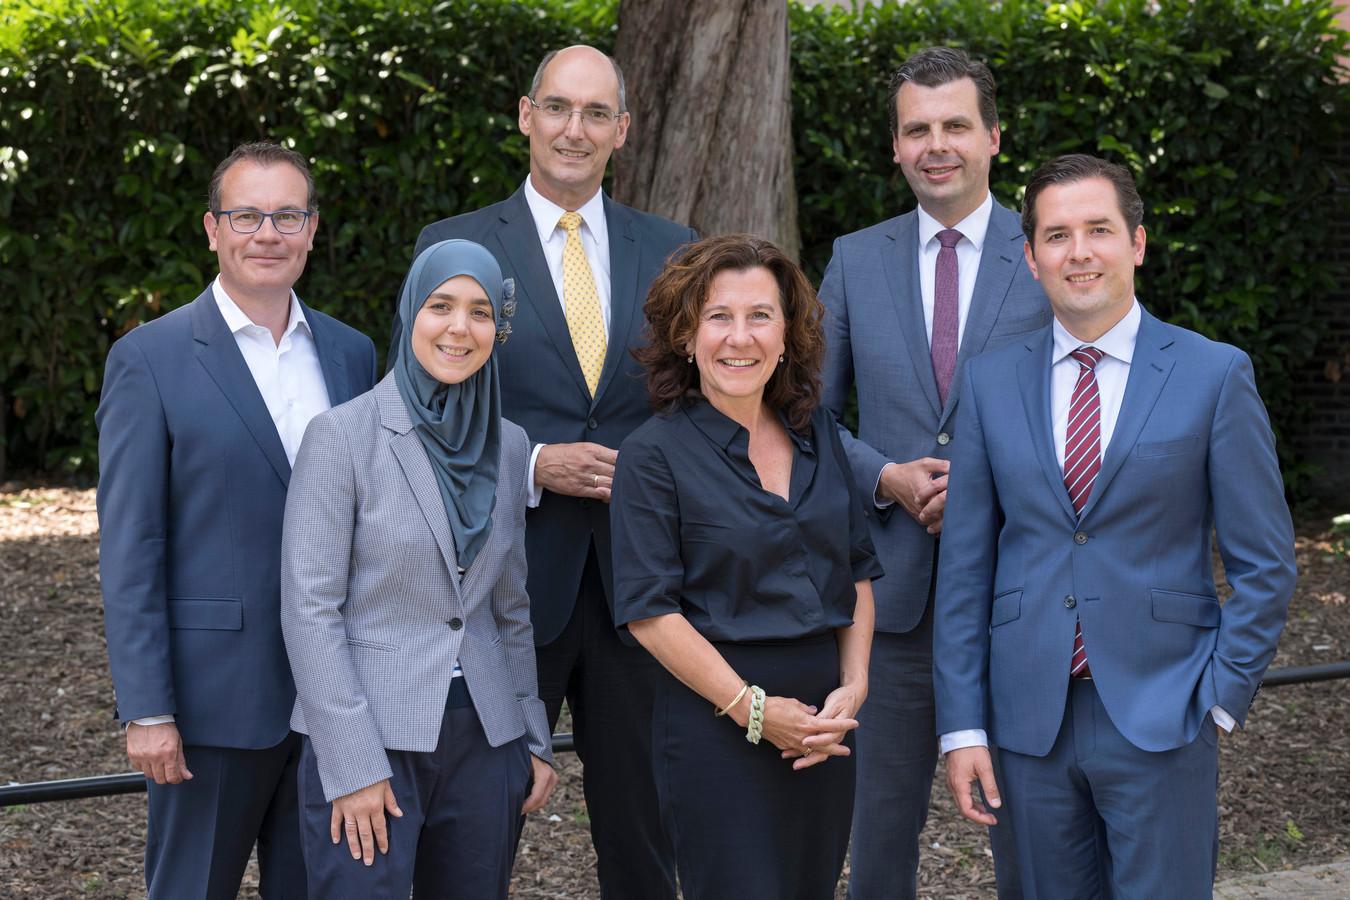 De nieuwe wethoudersploeg in Tilburg: vlnr Mario Jacobs, Esmah Lahlah, Oscar Dusschooten, Marcelle Hendrickx, Berend de Vries en Erik de Ridder.